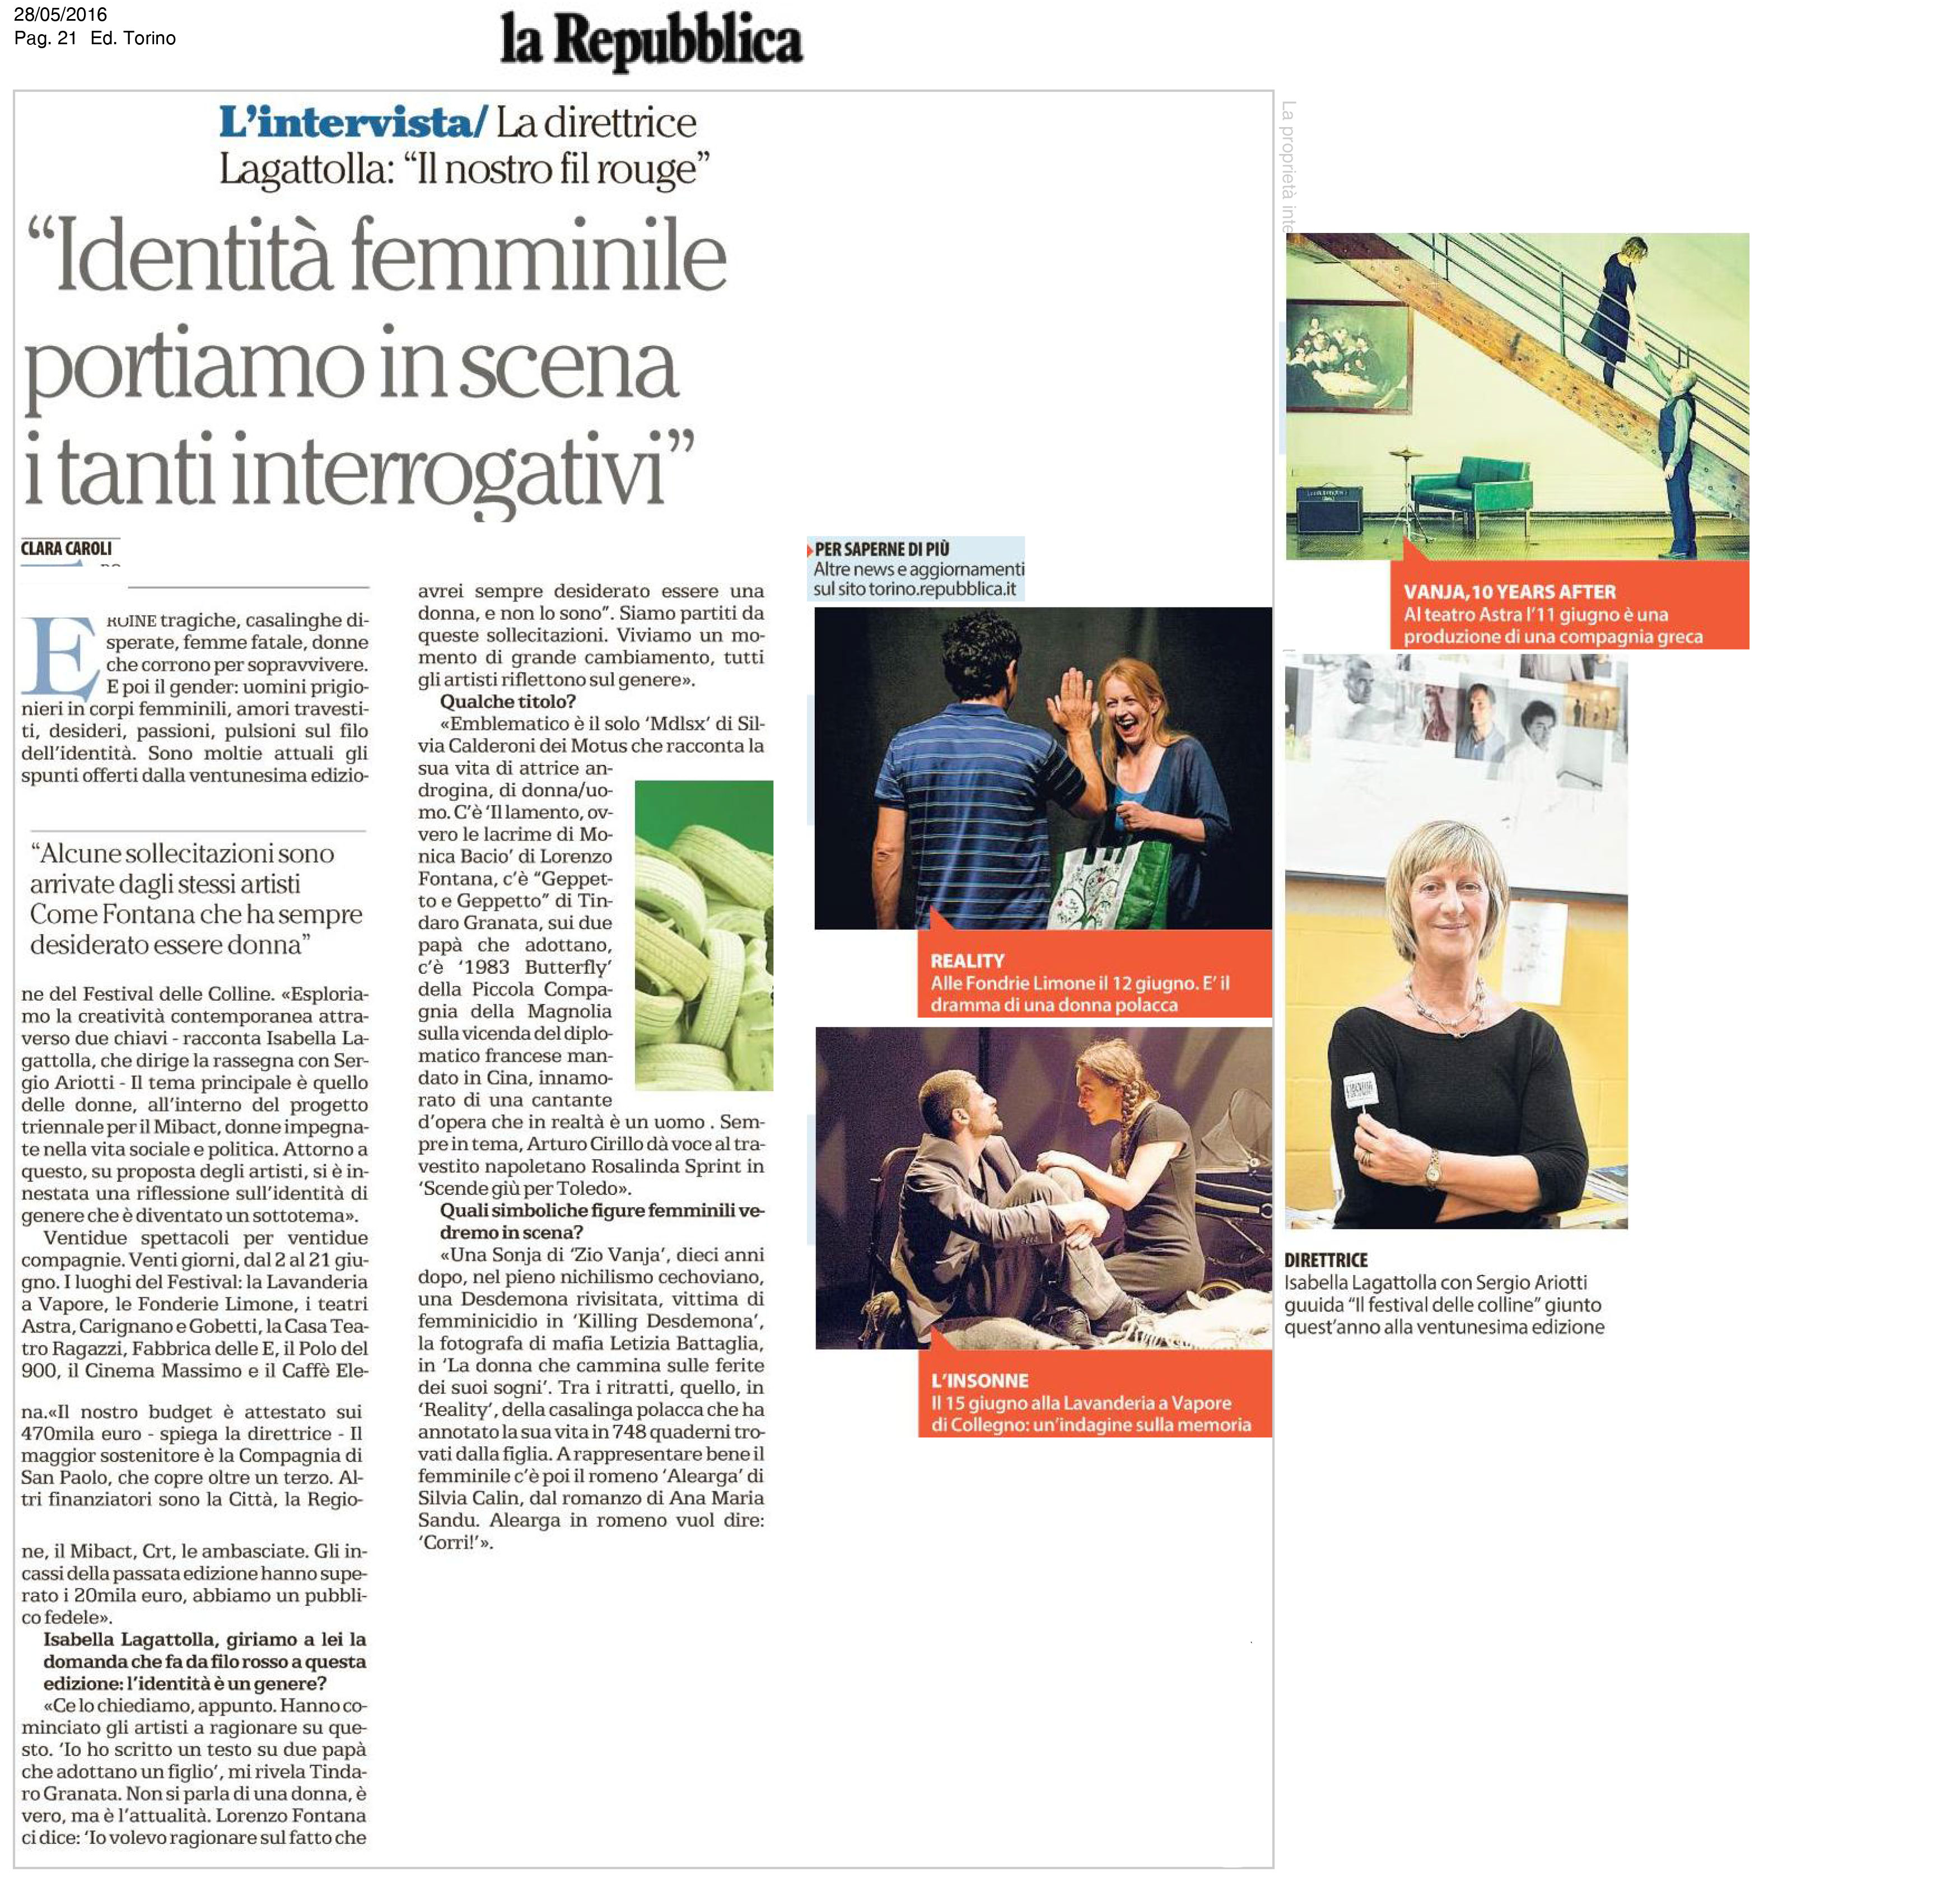 20160528_identità-femminile-portiamo-in-scena-i-tanti-interrogativi_la-Repubblica-ed-torino-1